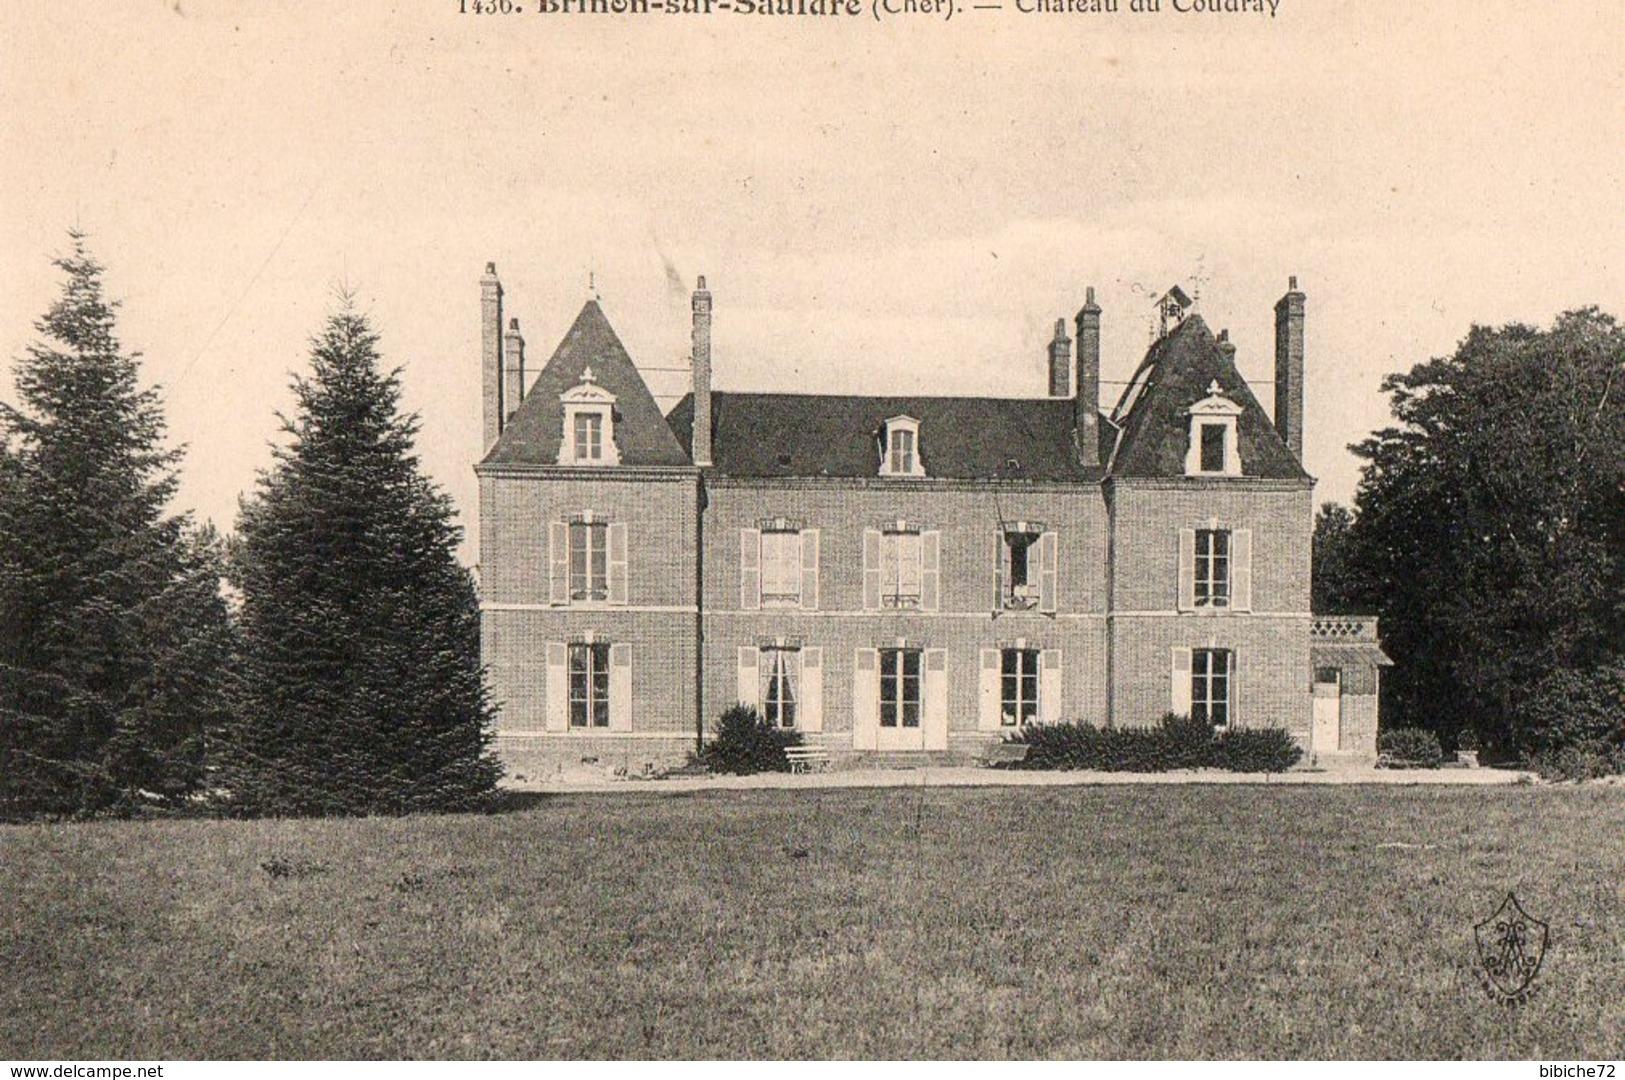 BRINON SUR SAULDRE - Chateau Du Coudray - Brinon-sur-Sauldre